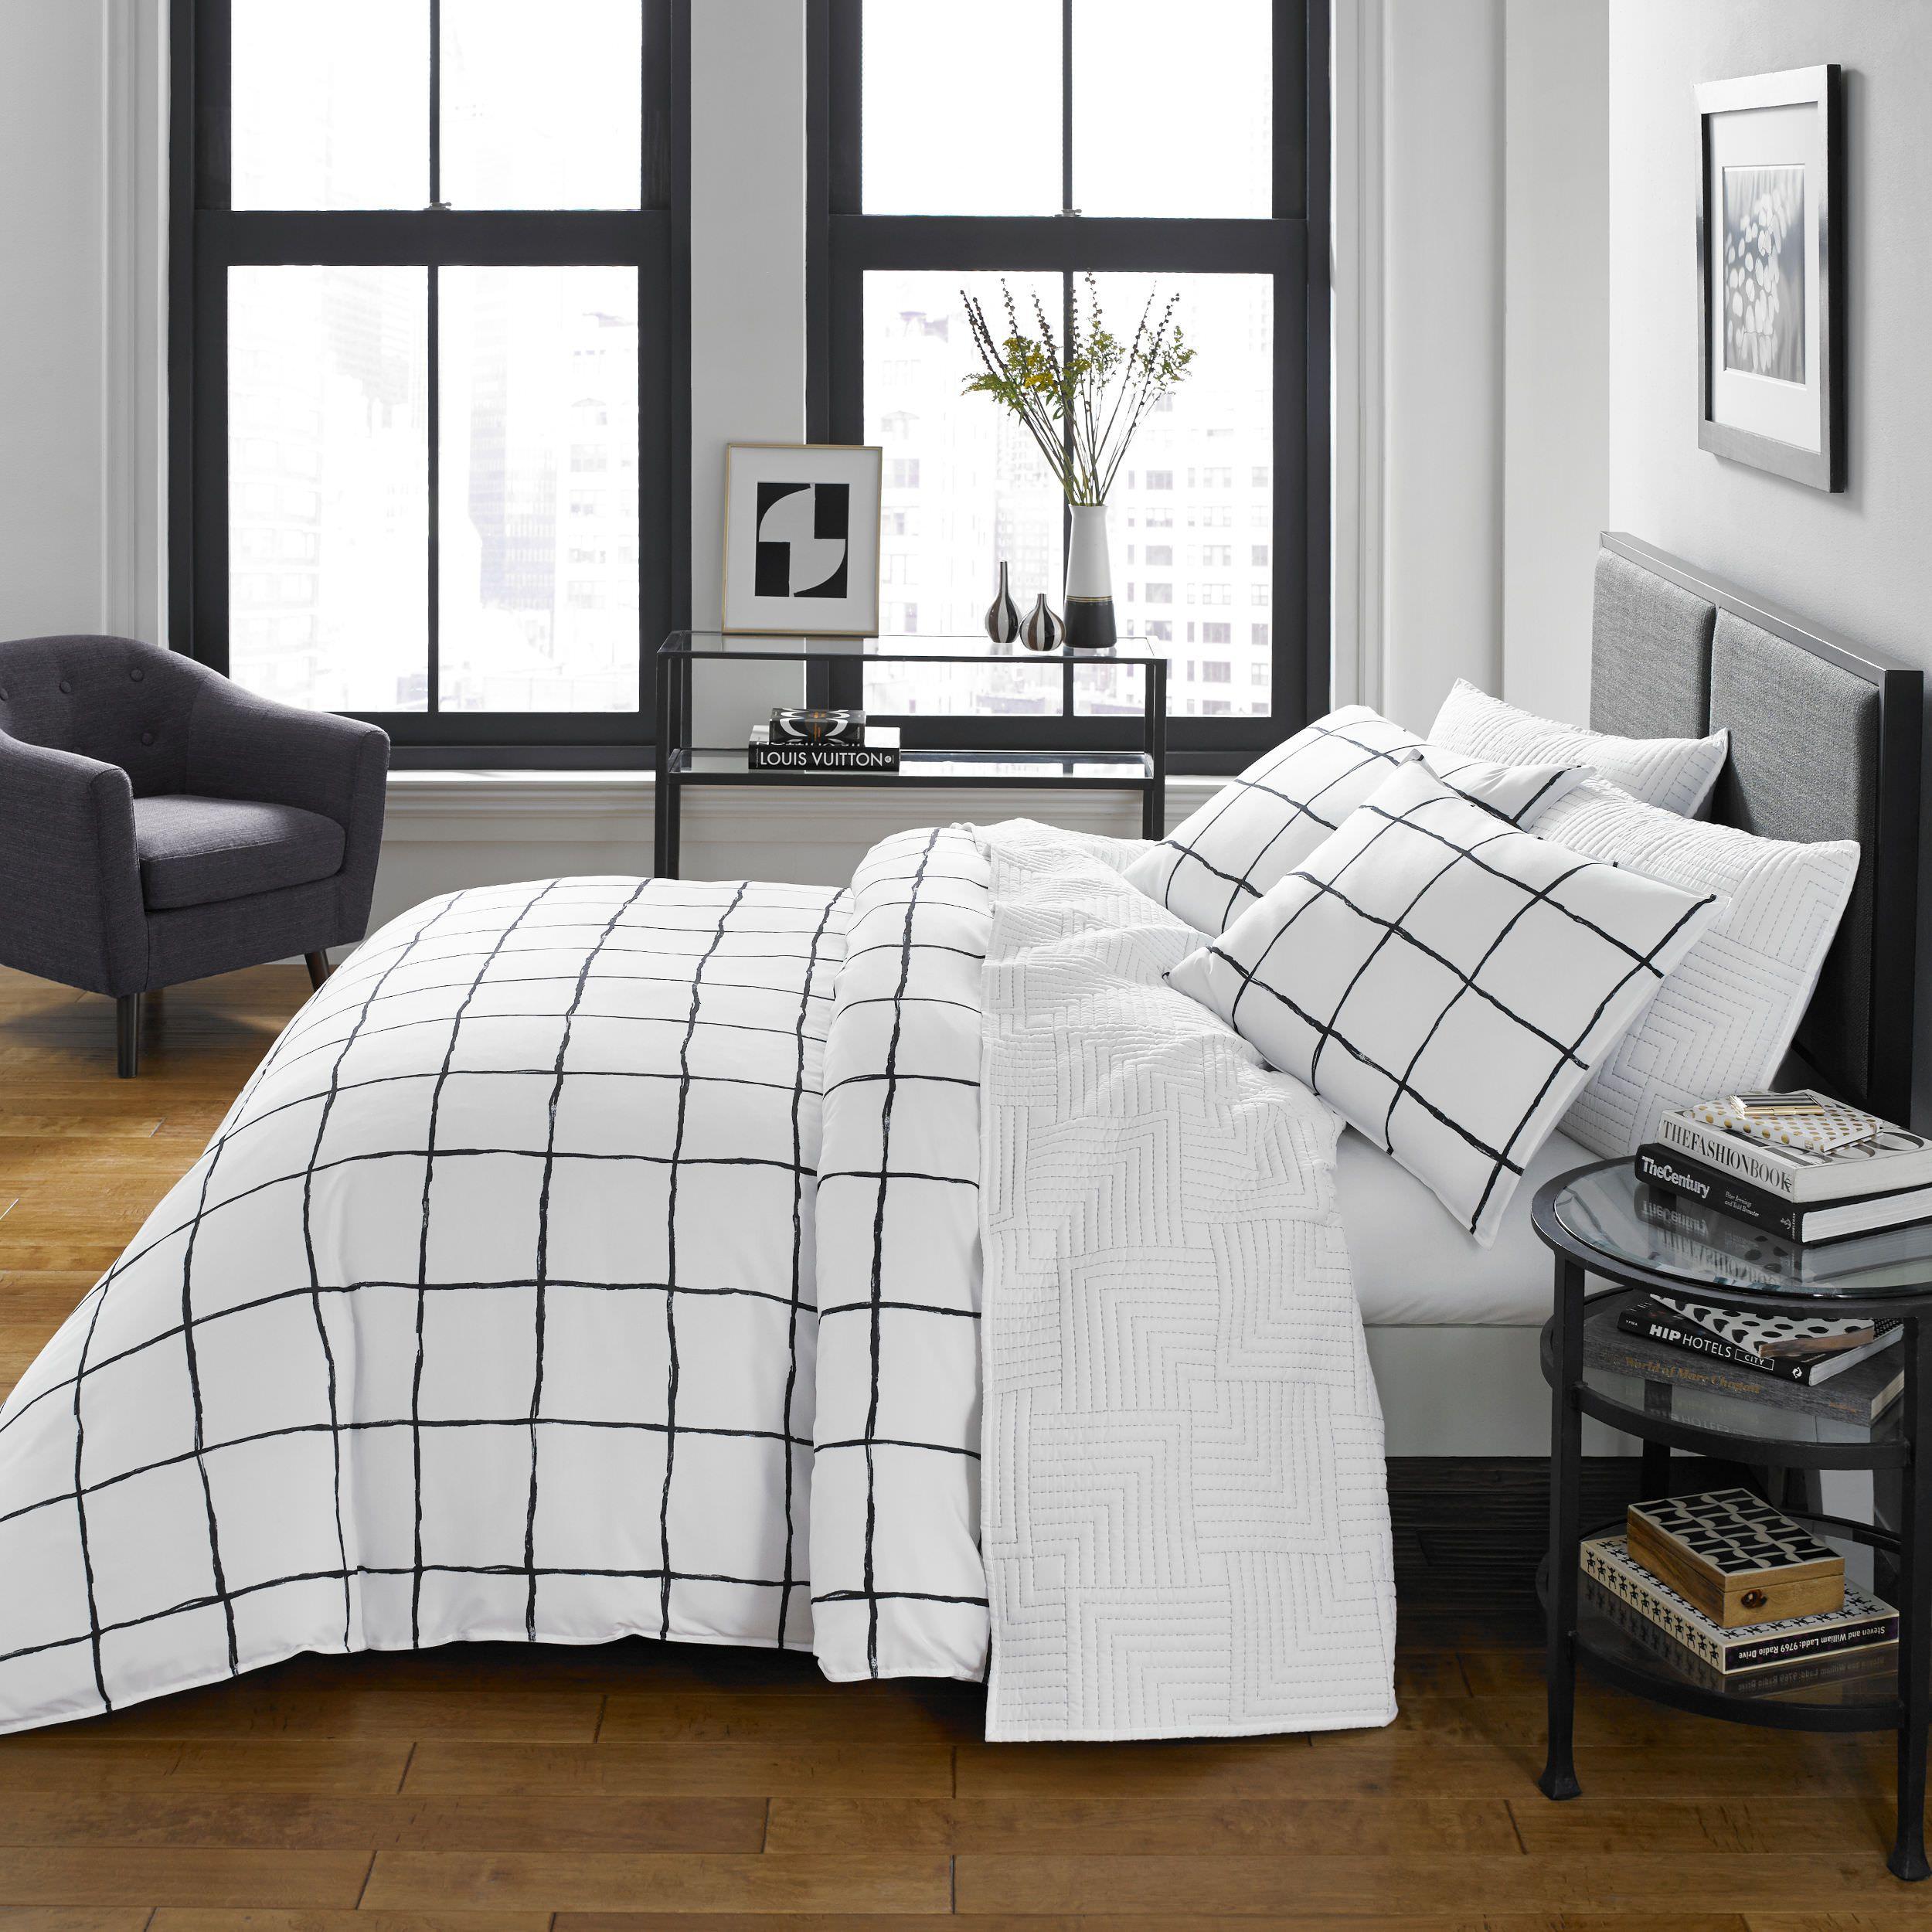 Home in 2020 Comforter sets, Twin comforter sets, Duvet